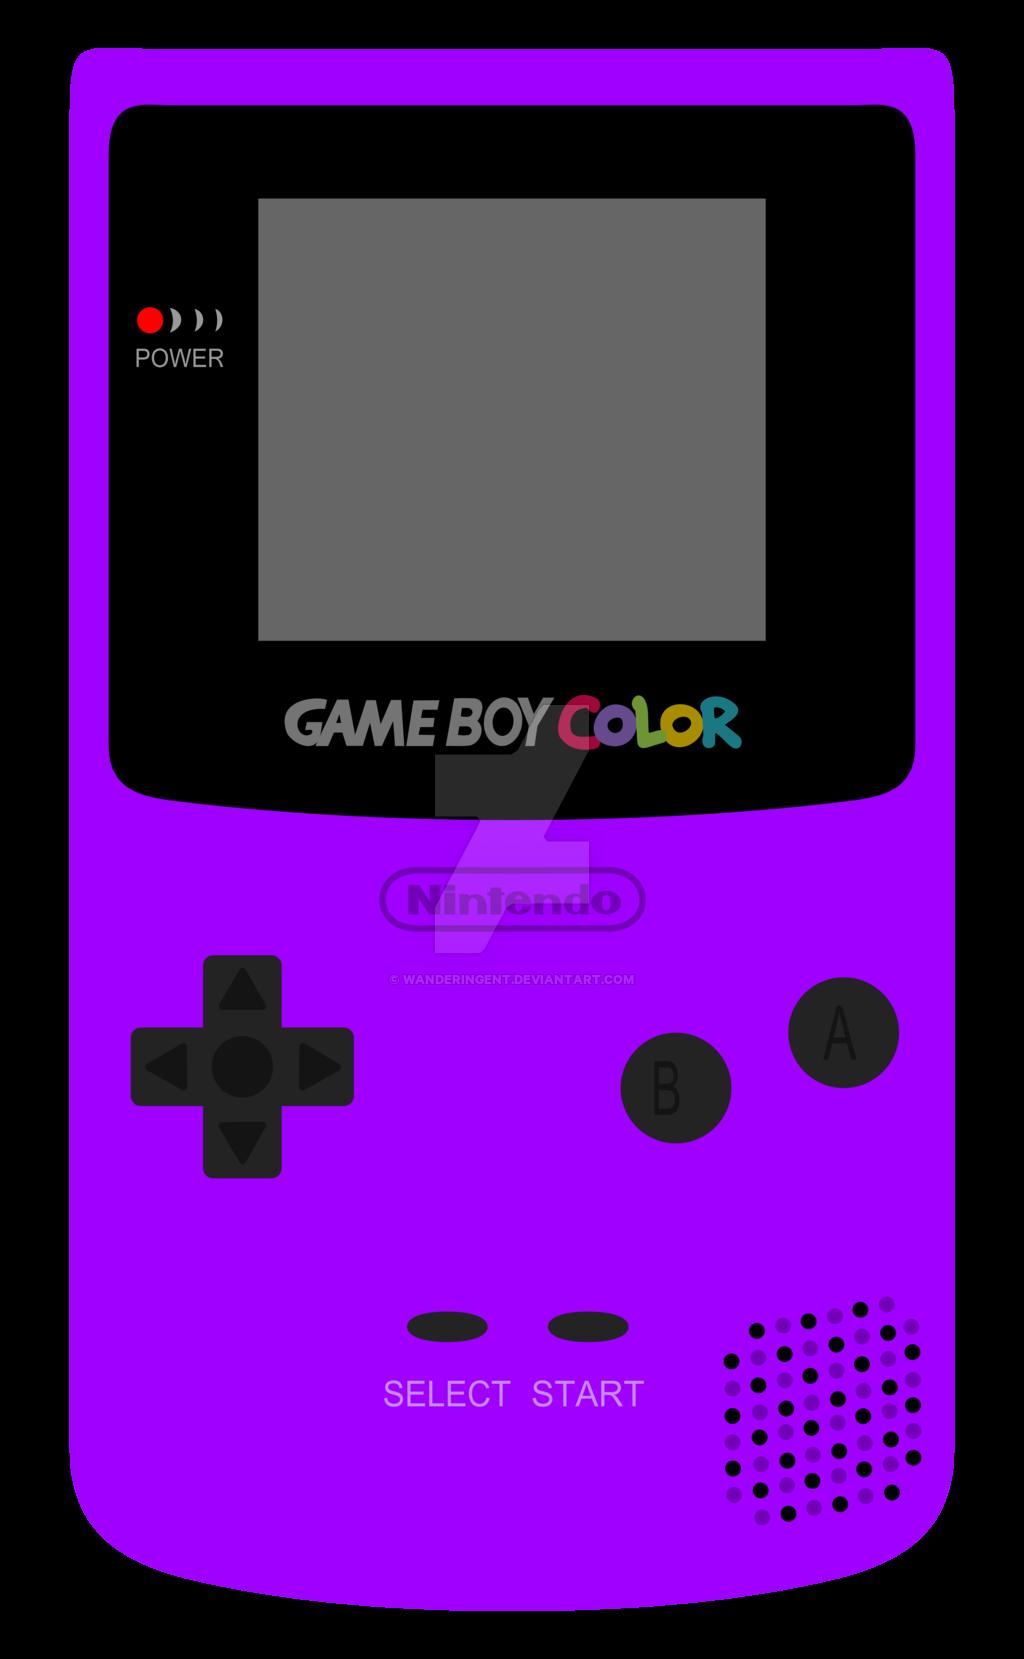 Games clipart gameboy color, Games gameboy color Transparent.